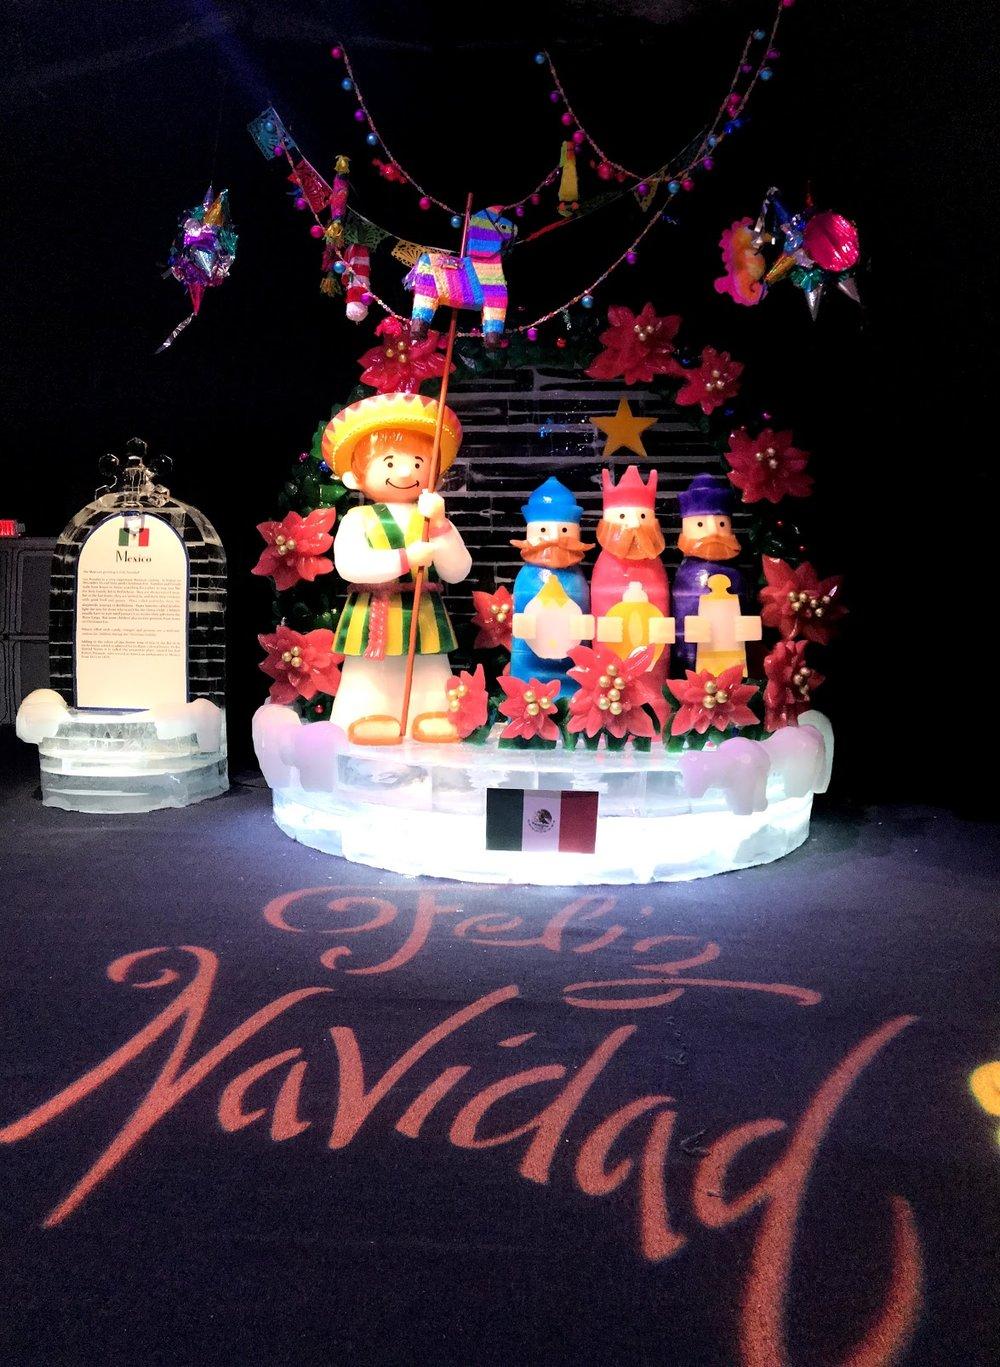 Feliz Navidad! Christmas in Mexico!